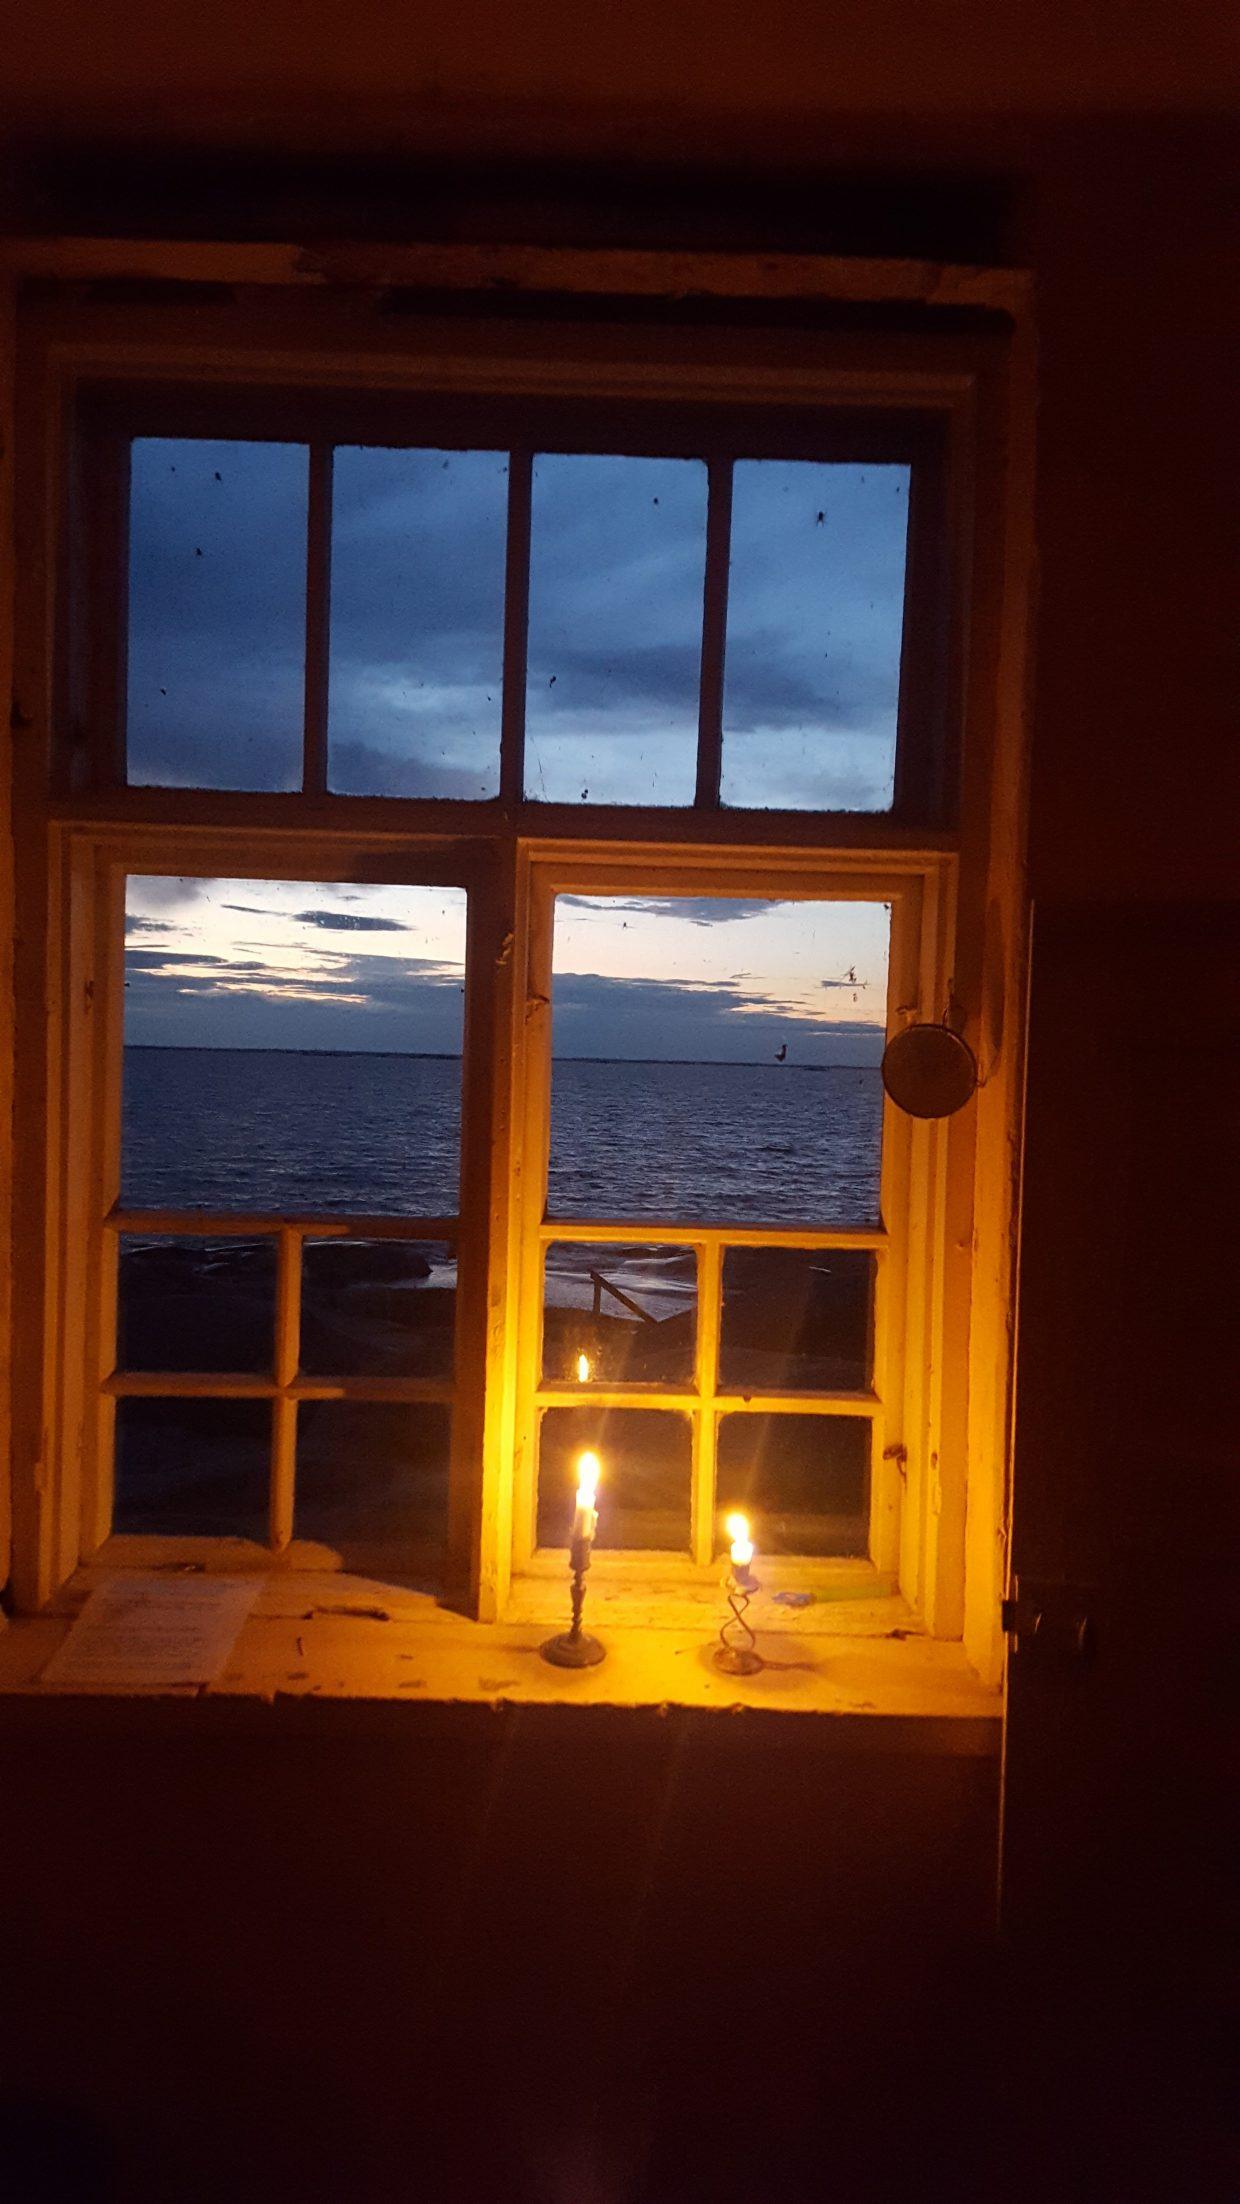 Begntskärin majakan saunan ikkunalla kynttilät